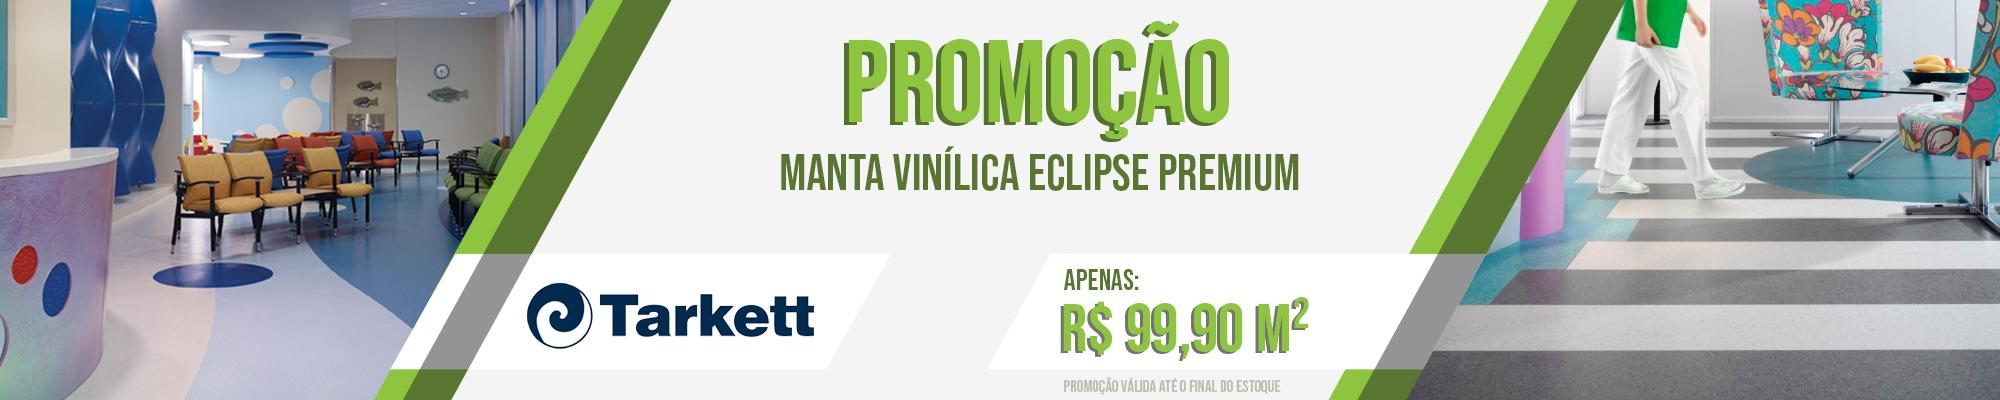 Promoção Eclipse Premium